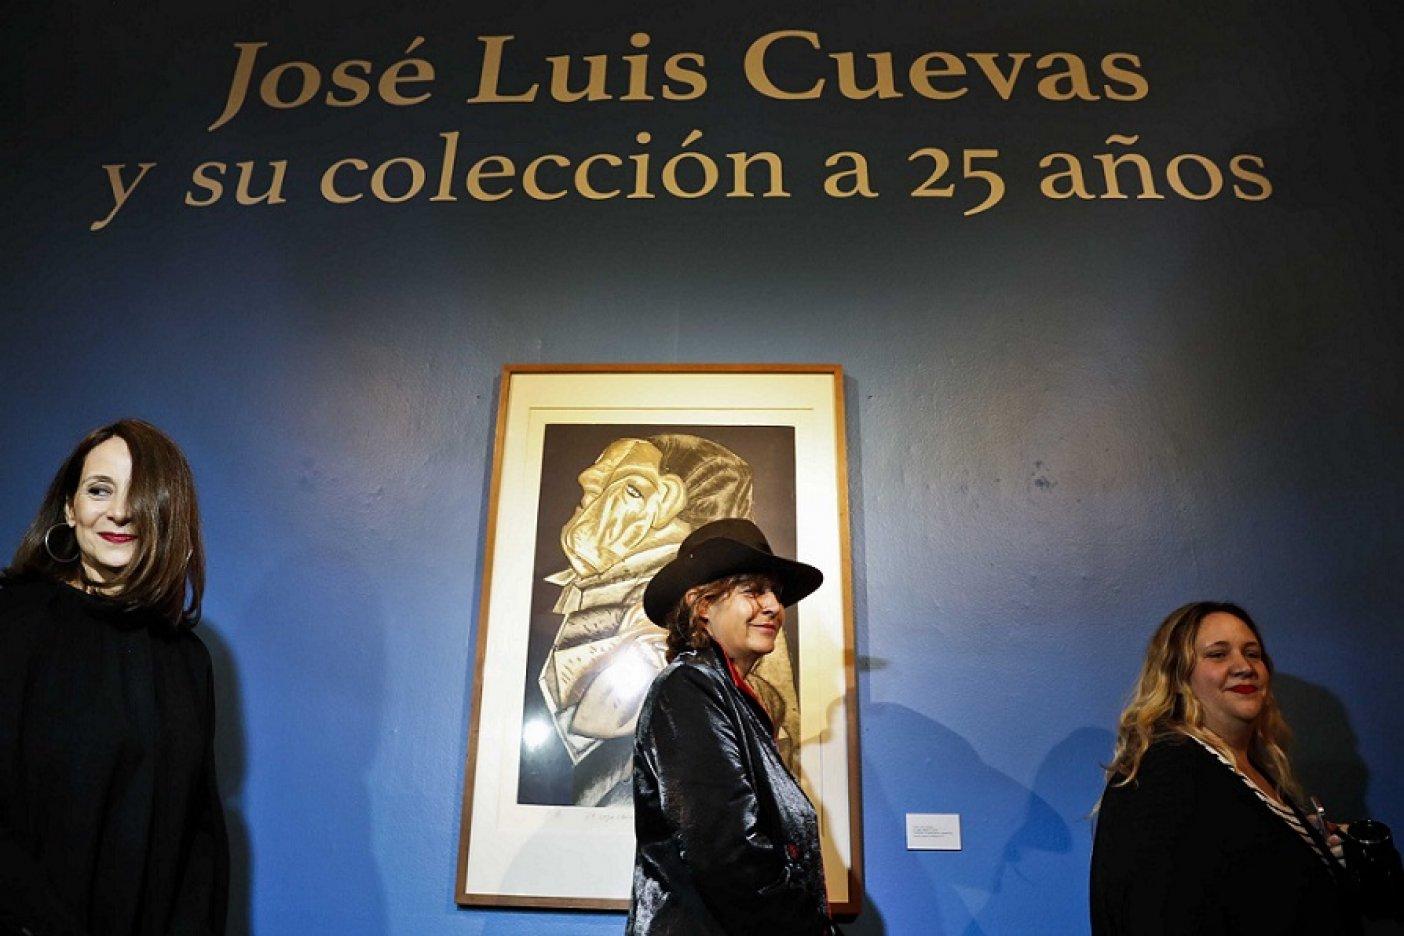 Un insulto que viuda de Cuevas maneje museo: Patricia